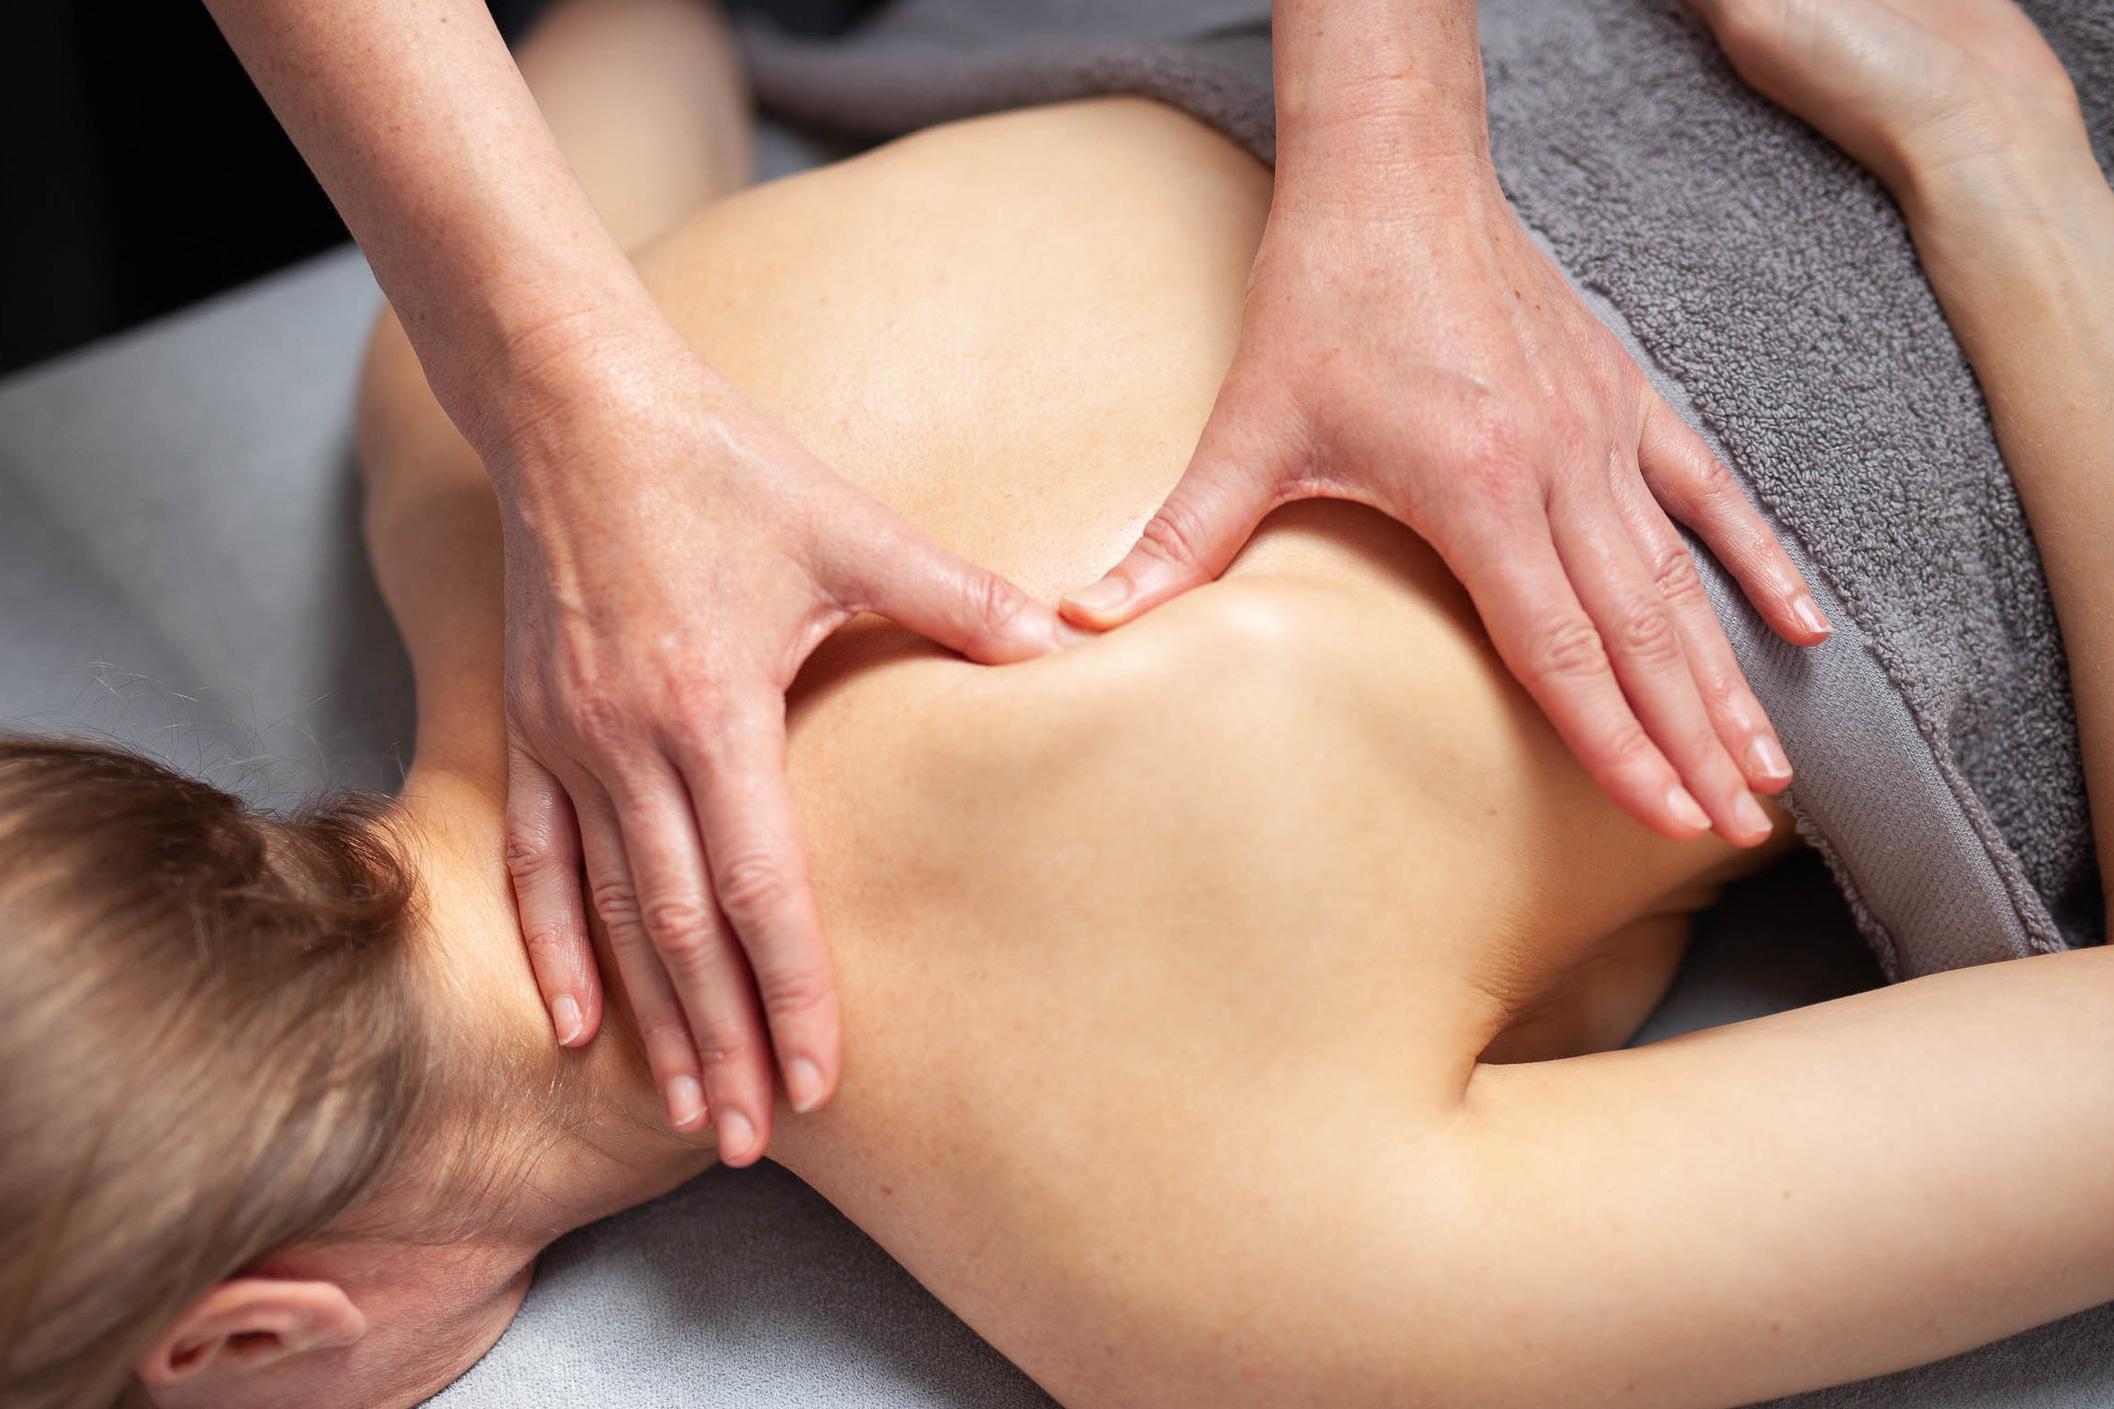 %C2%A9natashabidgood-lisa-massage-6537.jpg